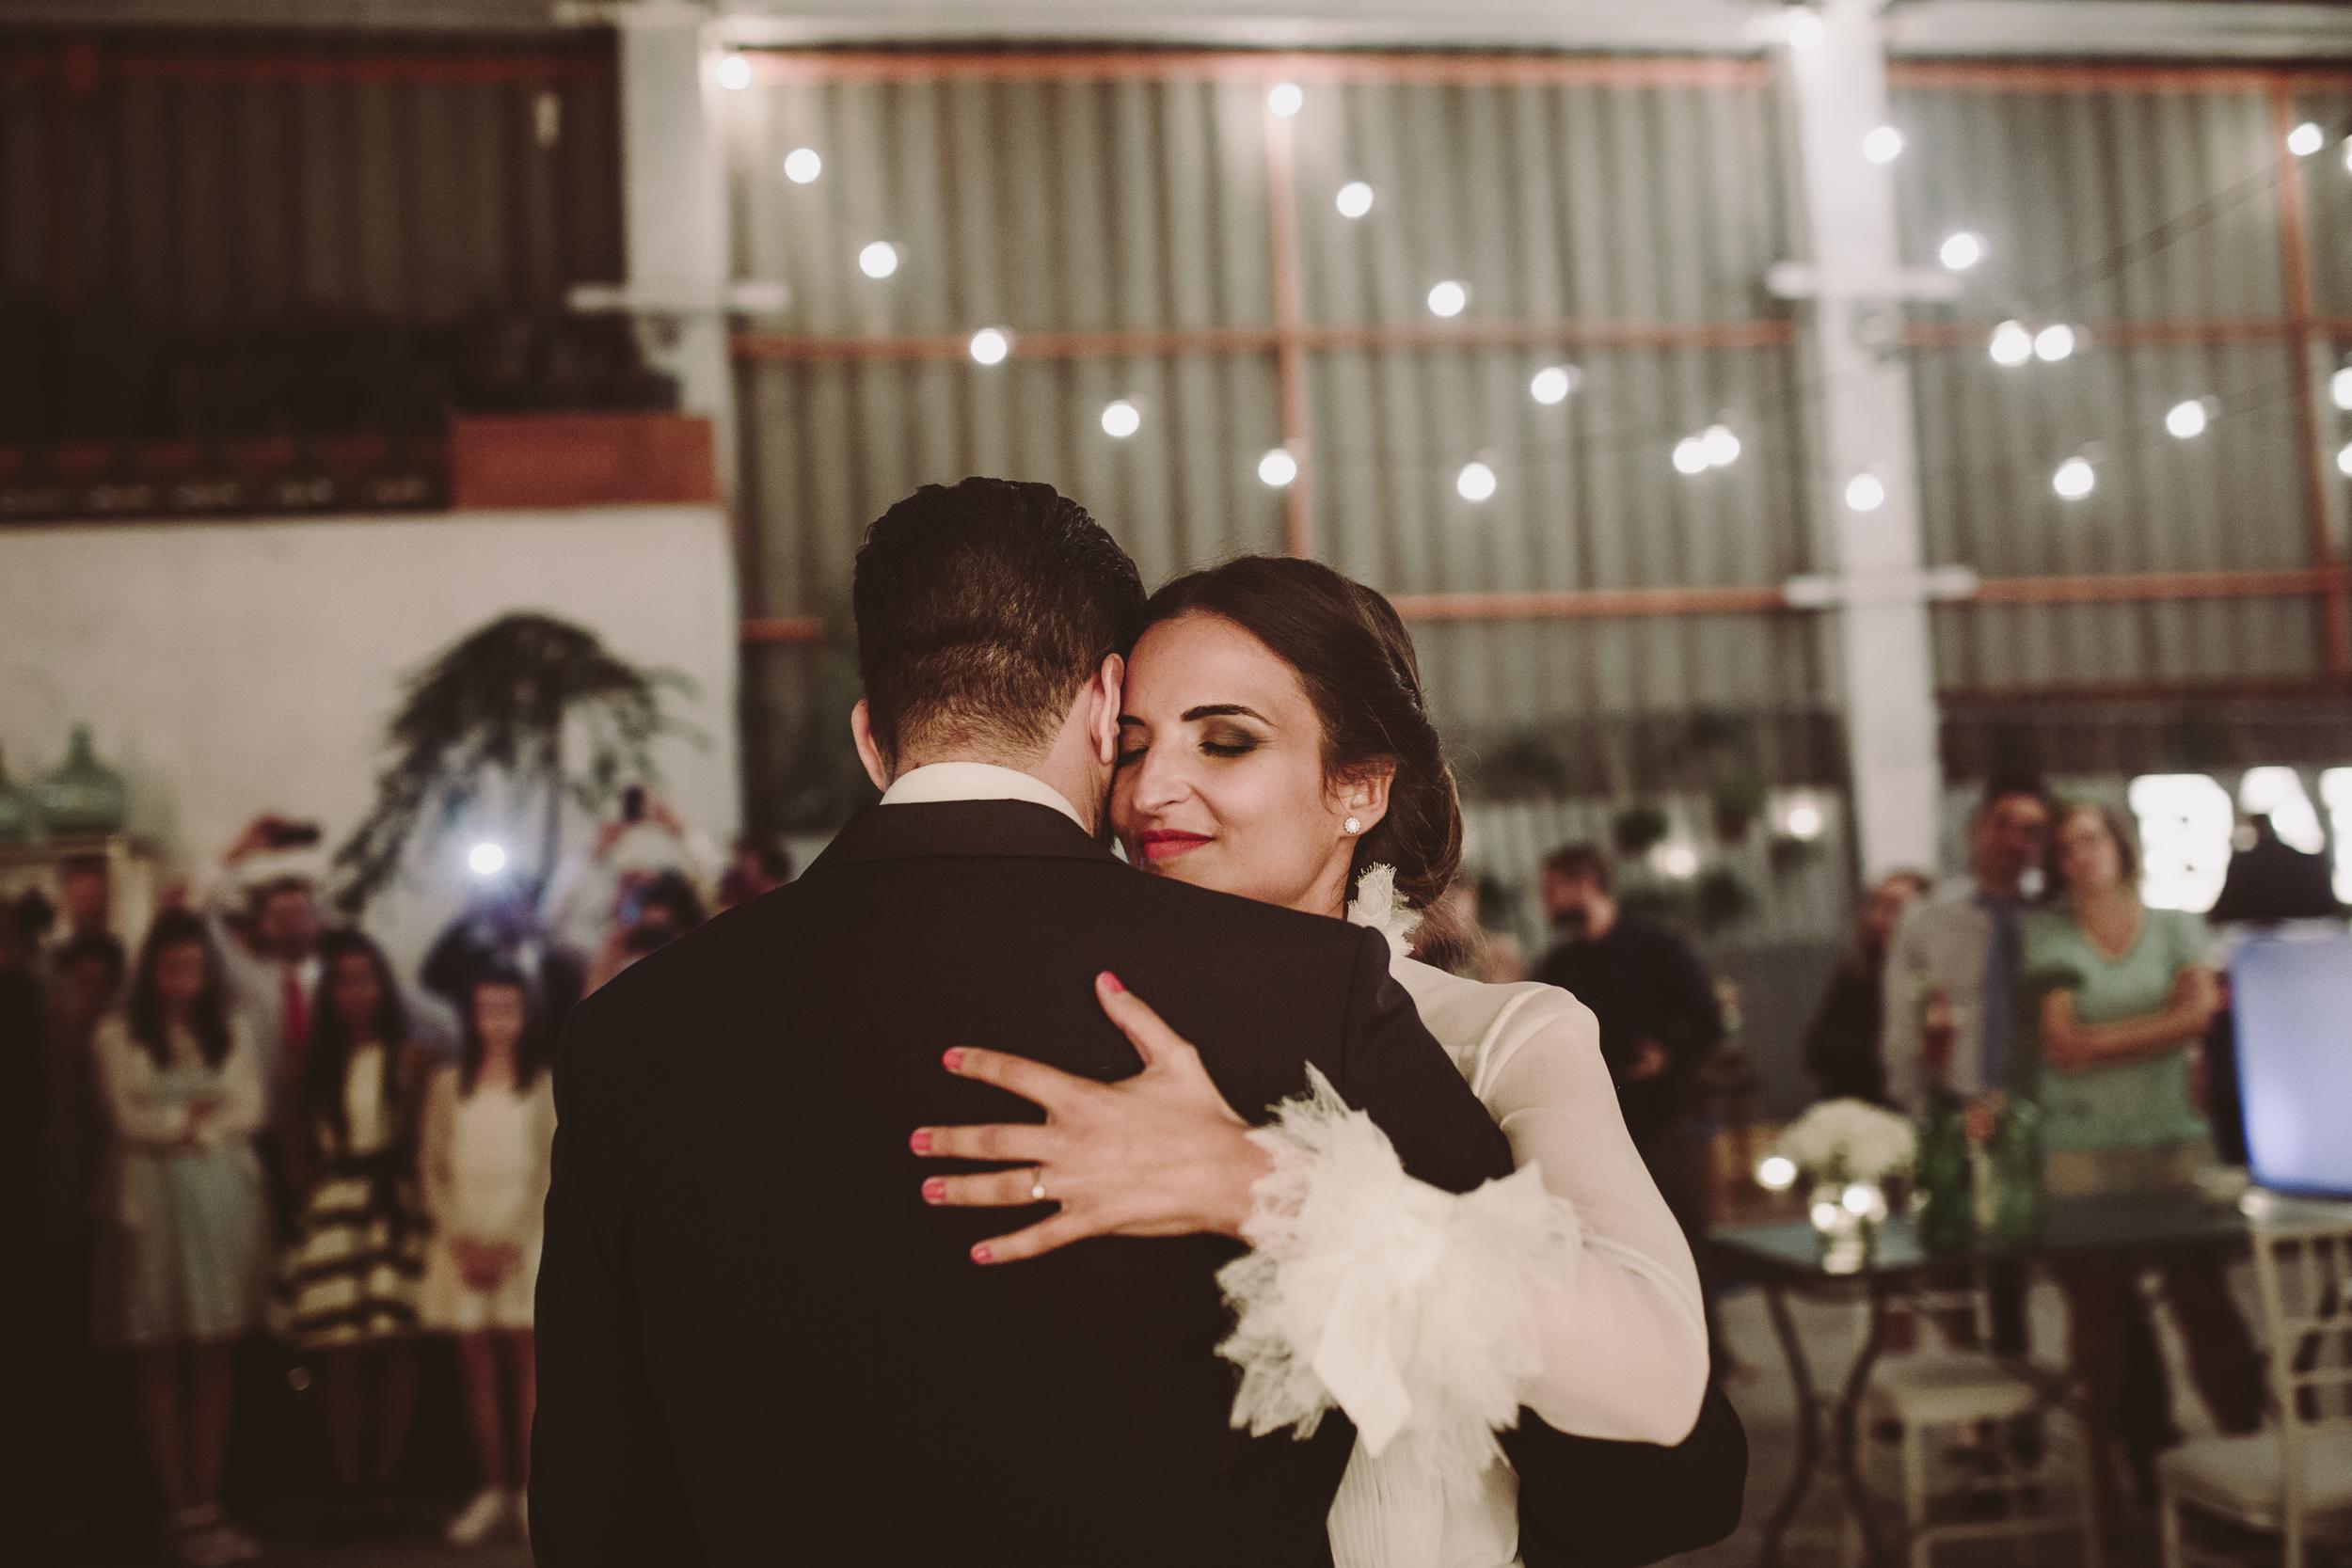 Fotografo bodas Pontevedra Graciela Vilagudin 674.jpg